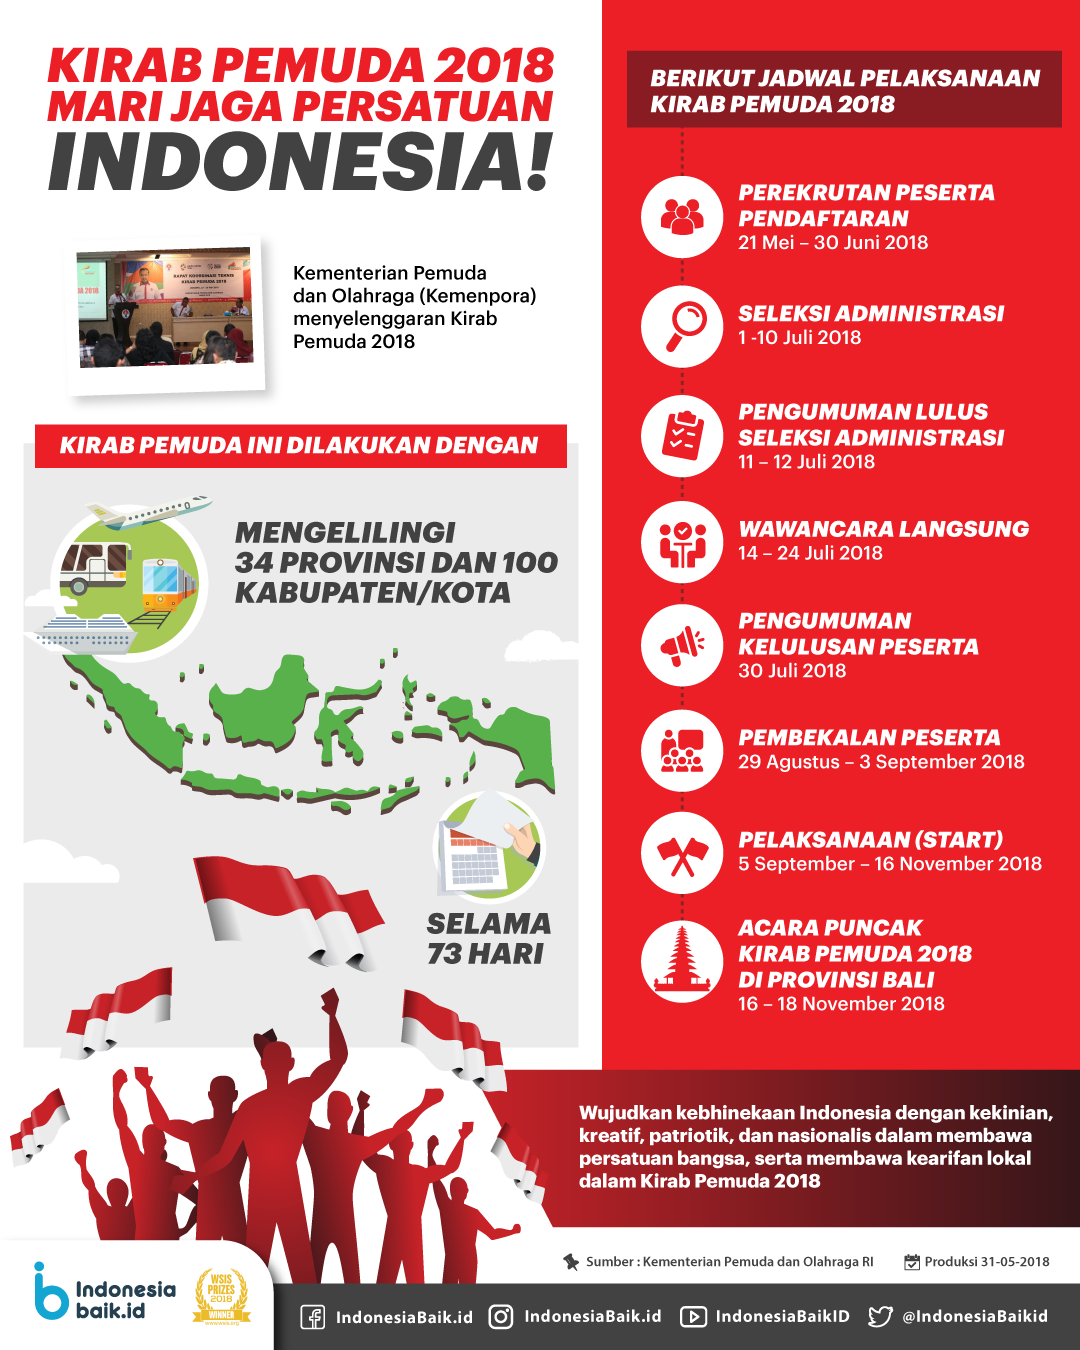 Kirab Pemuda 2018: Mari Jaga Persatuan Indonesia!